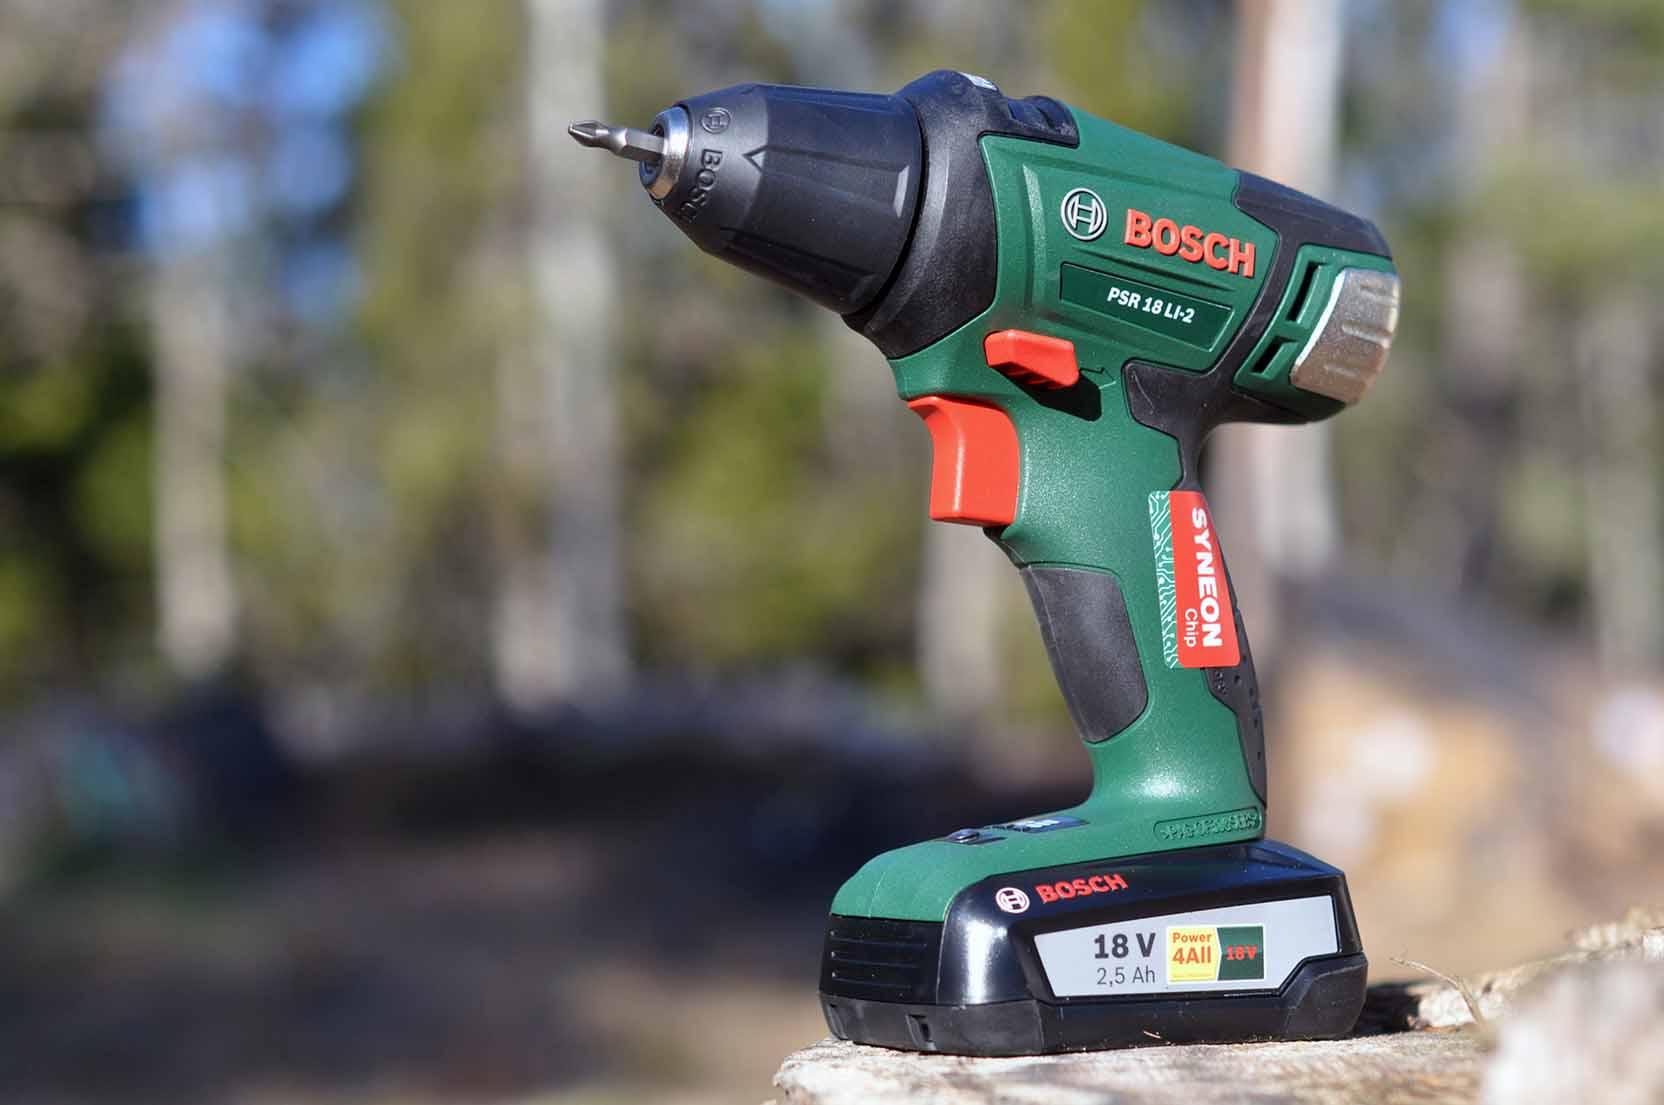 Letar du efter en riktigt stark skruvdragare i mellanklassen är Bosch PSR 18 LI2 ett bra alternativ